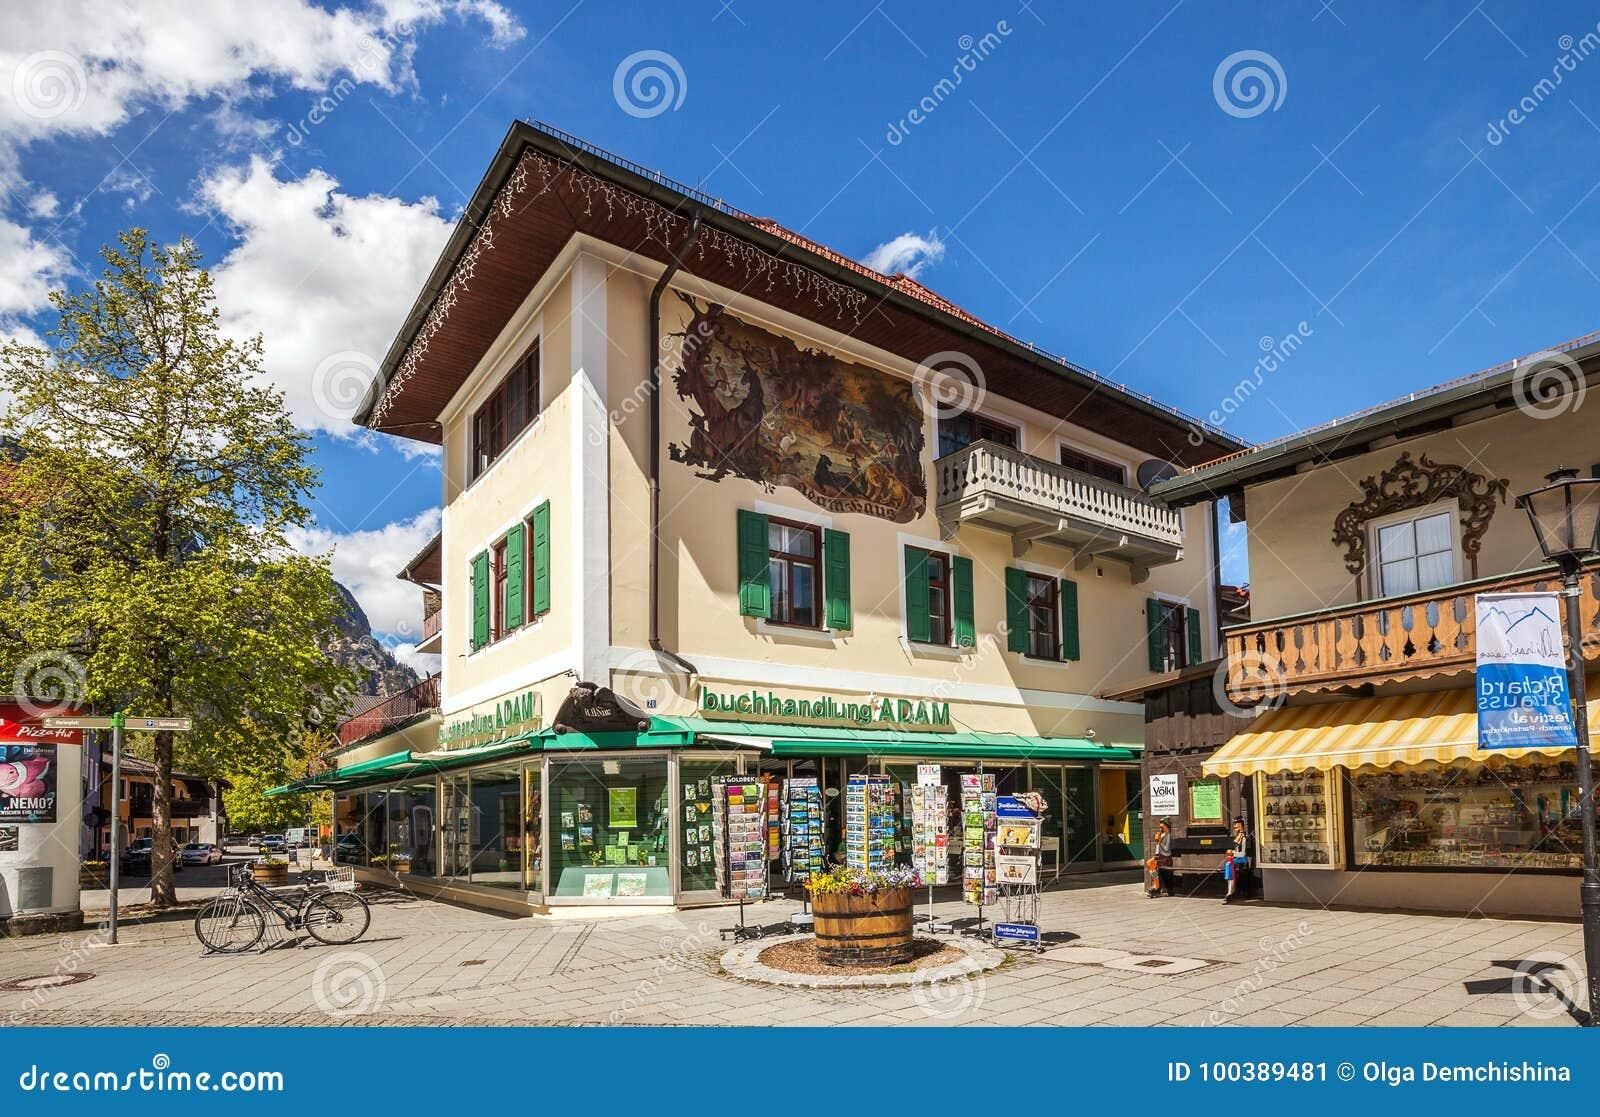 Couleur Extérieur Maison 2017 belles maisons à garmisch-partenkirchen en allemagne photo